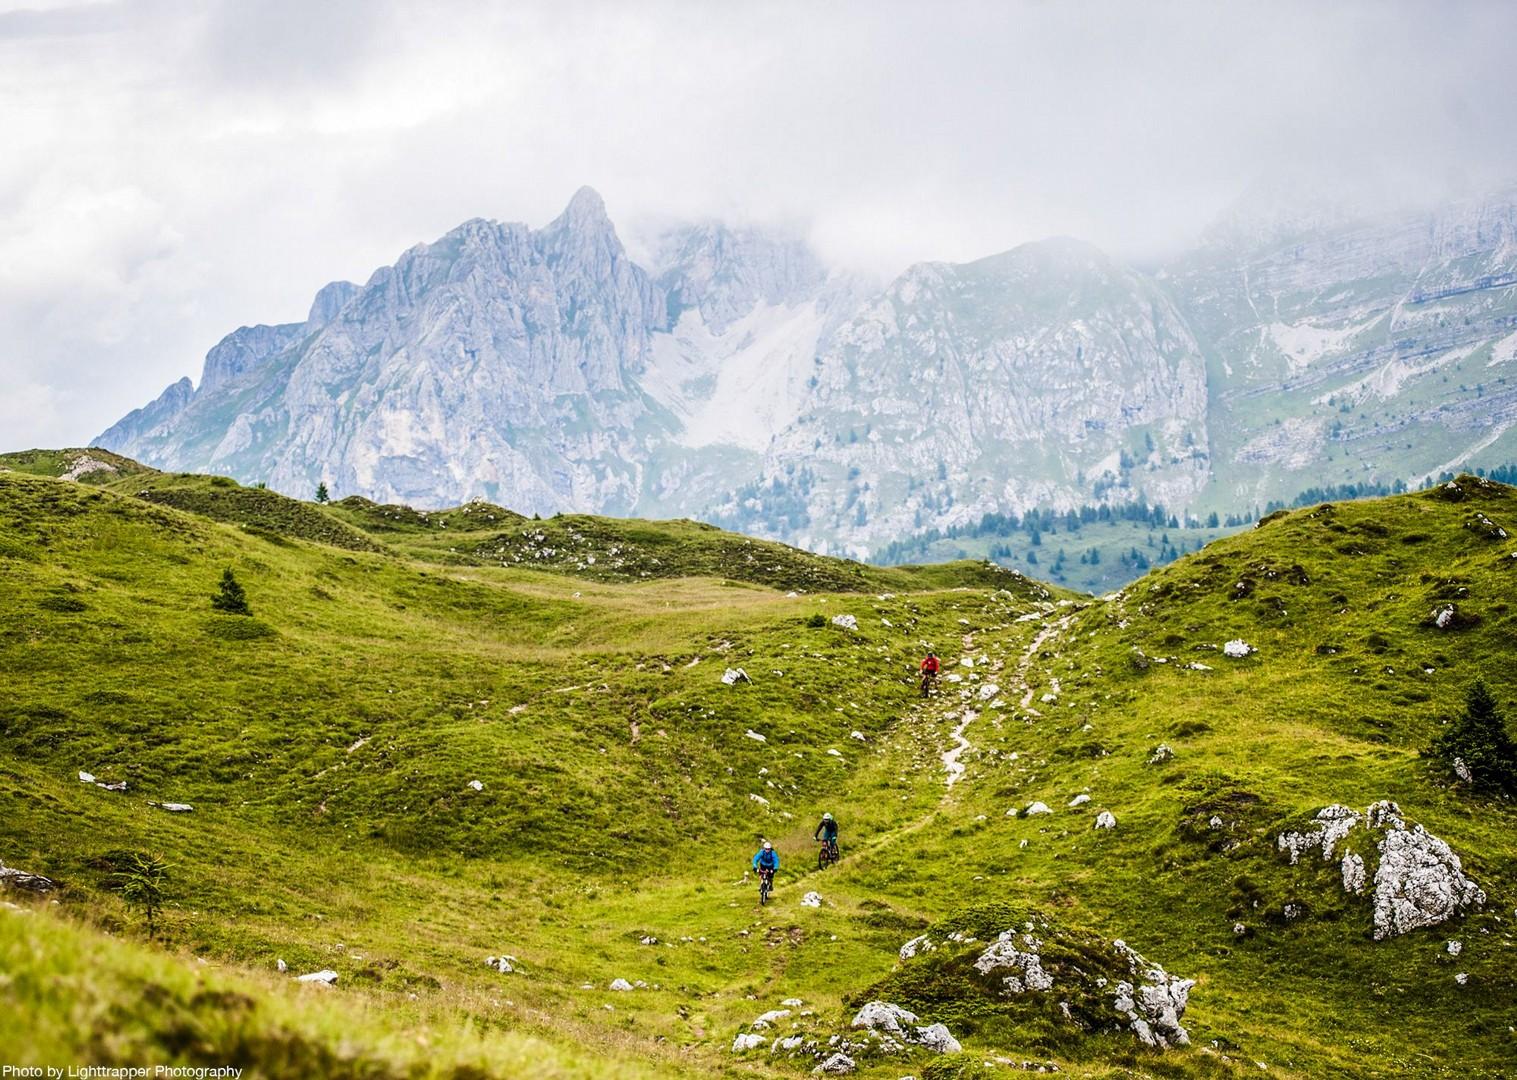 saddle_skedaddle_italy_2017_day6_brenta_dolomites_179-2.jpg - Italy - Dolomites of Brenta - Guided Mountain Bike Holiday - Italia Mountain Biking